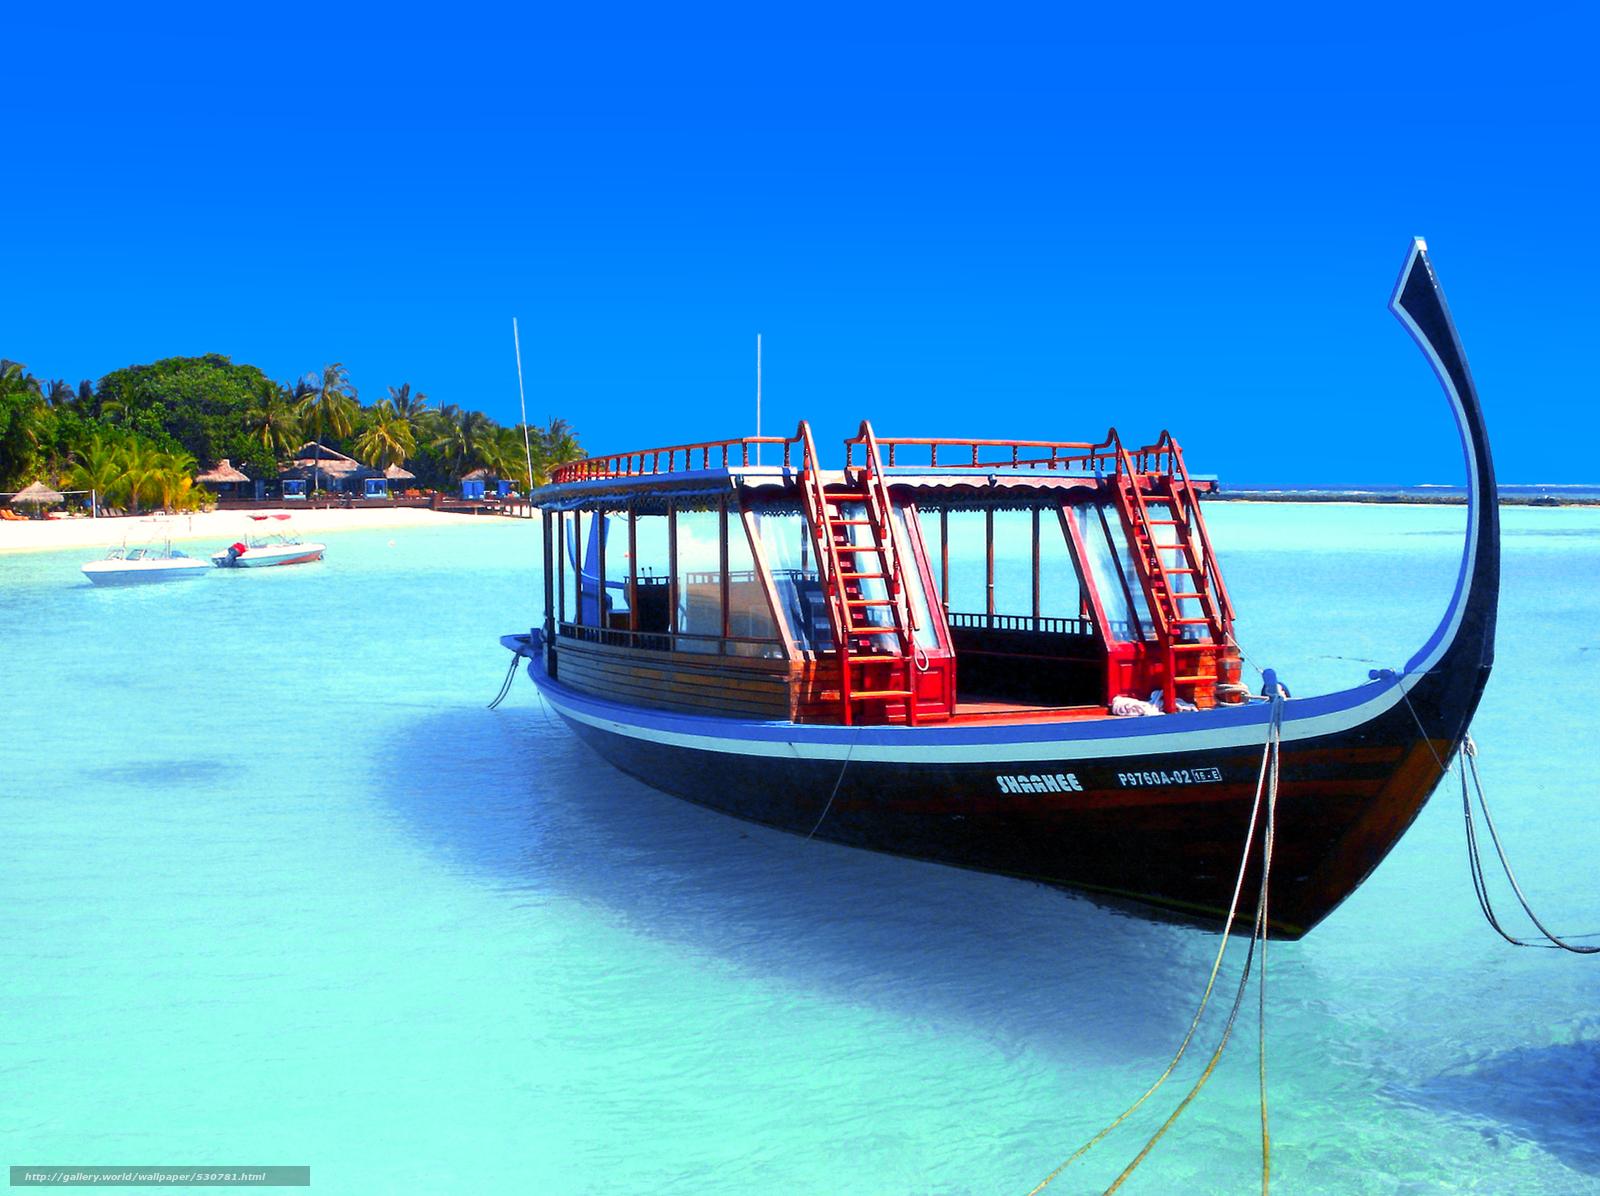 Tlcharger Fond D Ecran Maldives Des Tropiques Bateau Fonds D Ecran Gratuits Pour Votre Rsolution Du Bureau 2382x1780 Image 530781